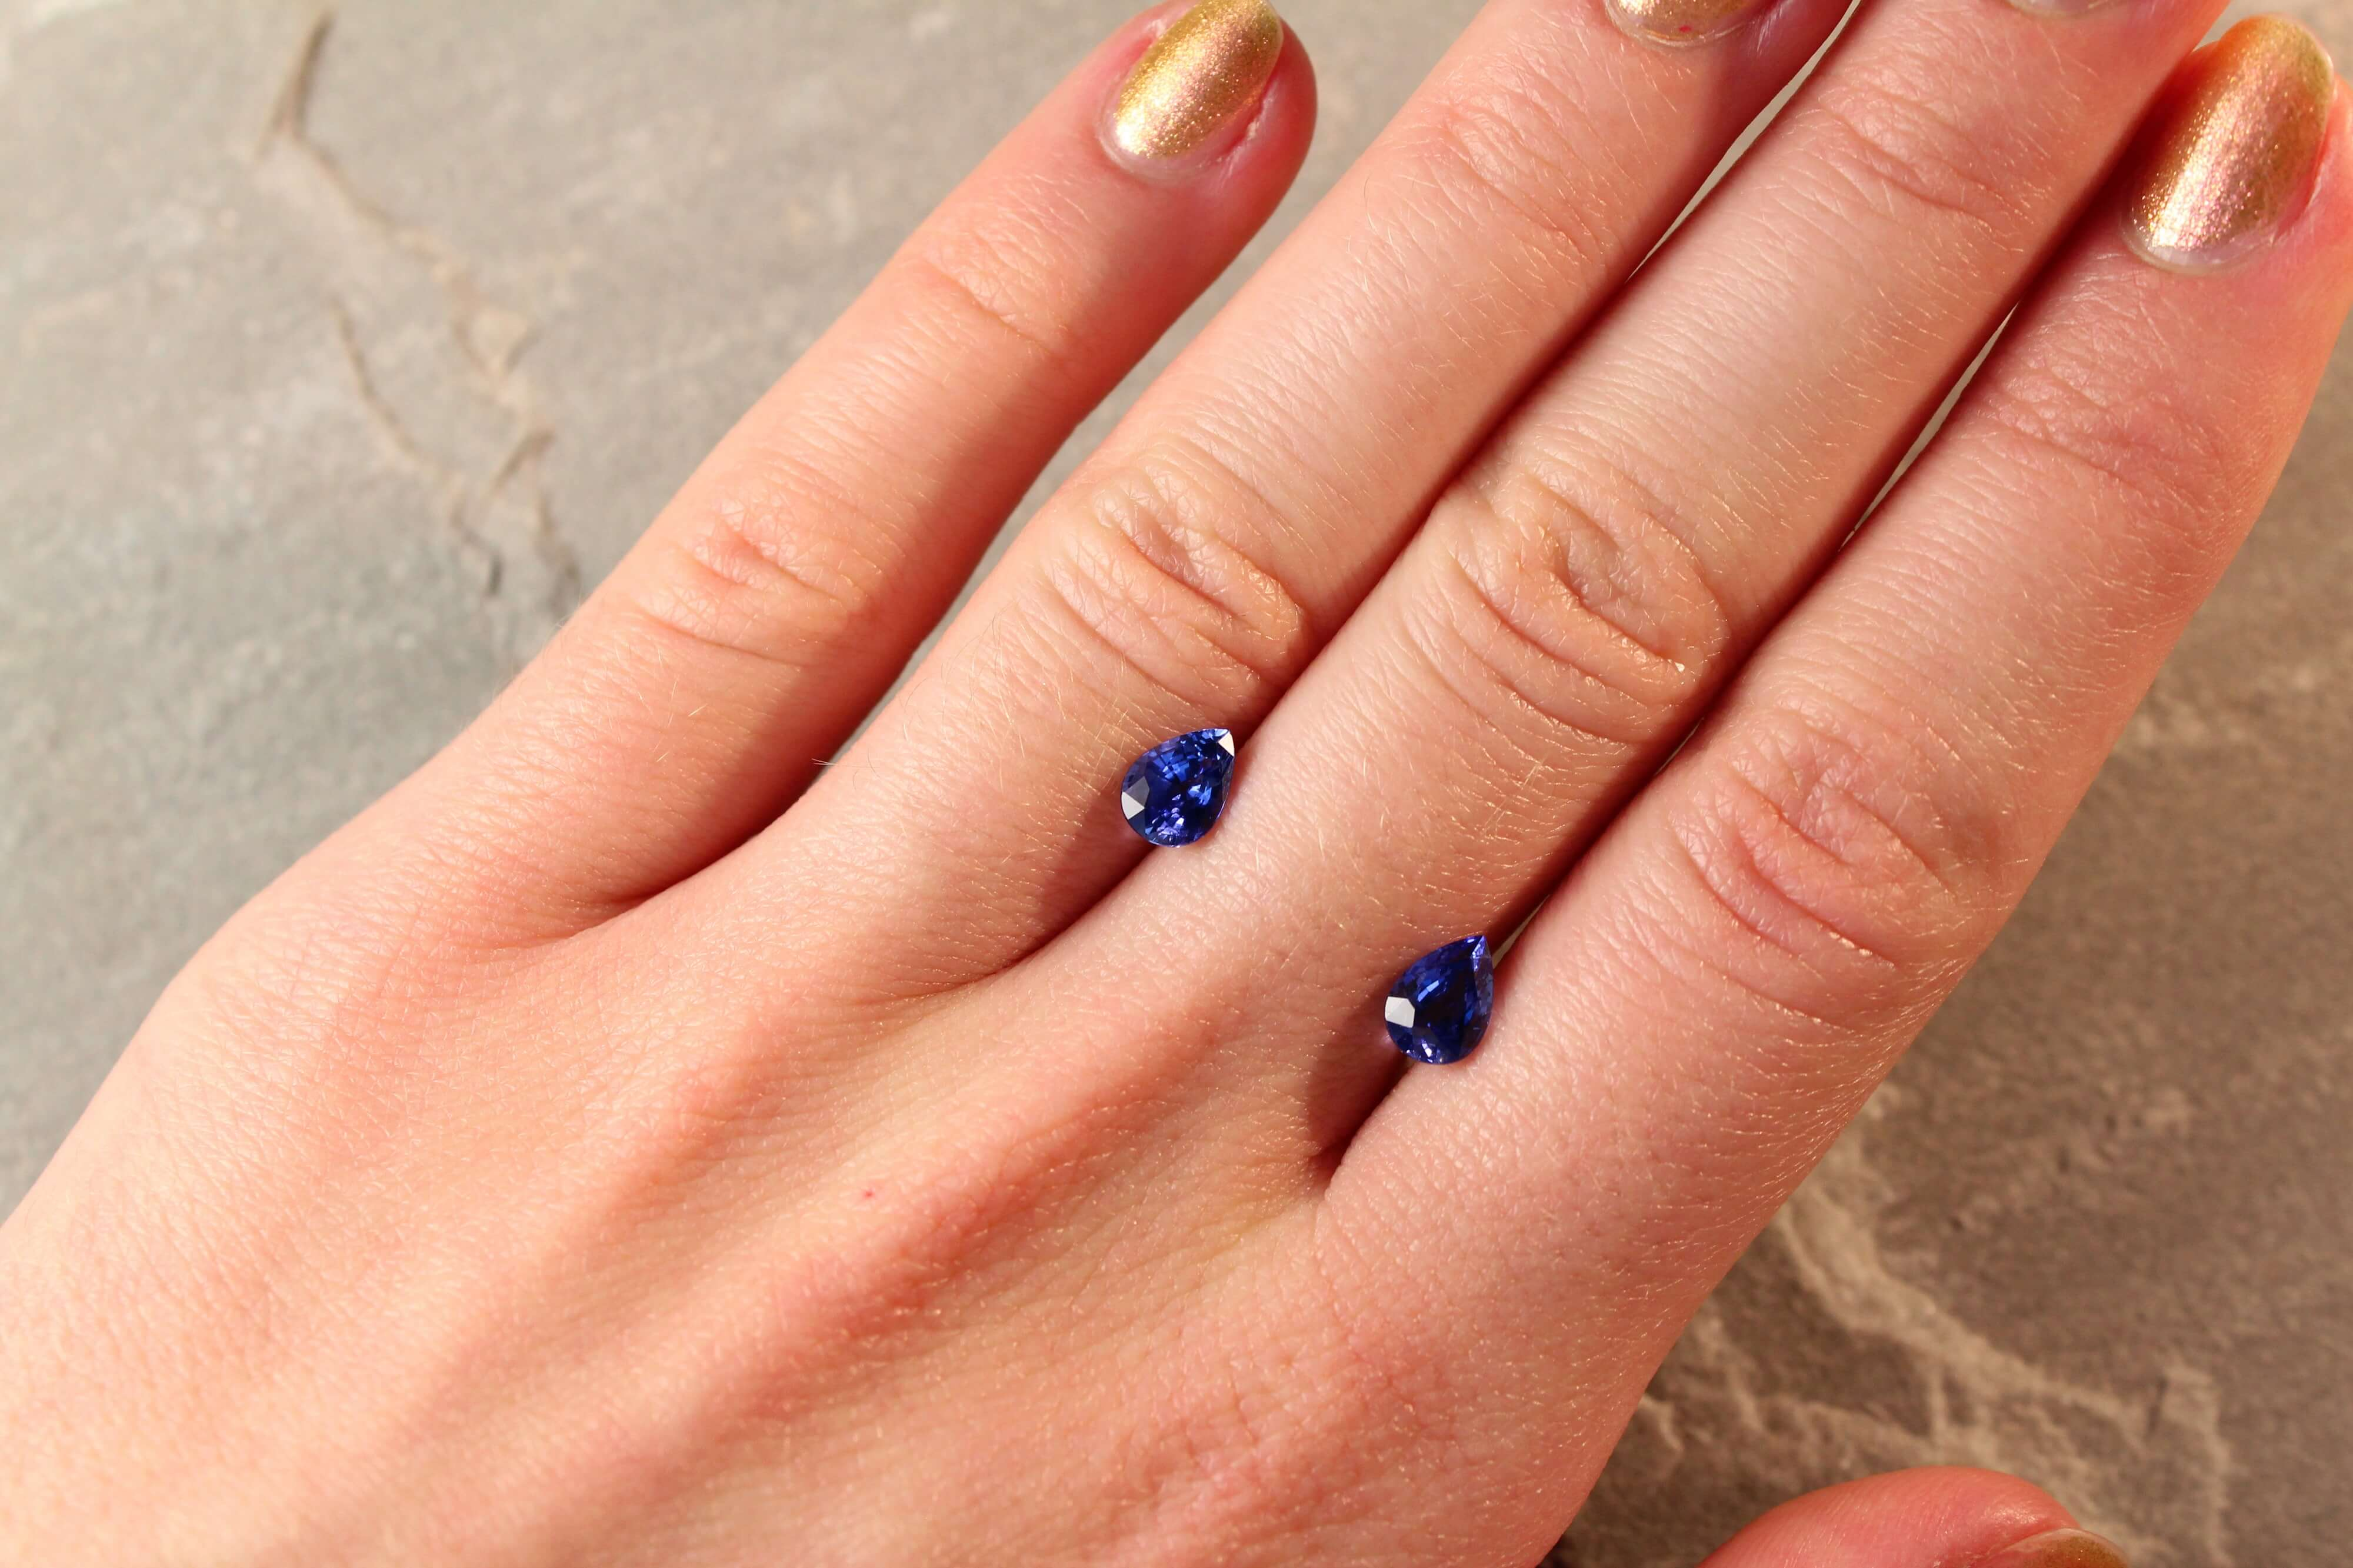 2.09 ct blue pear shape sapphire pair